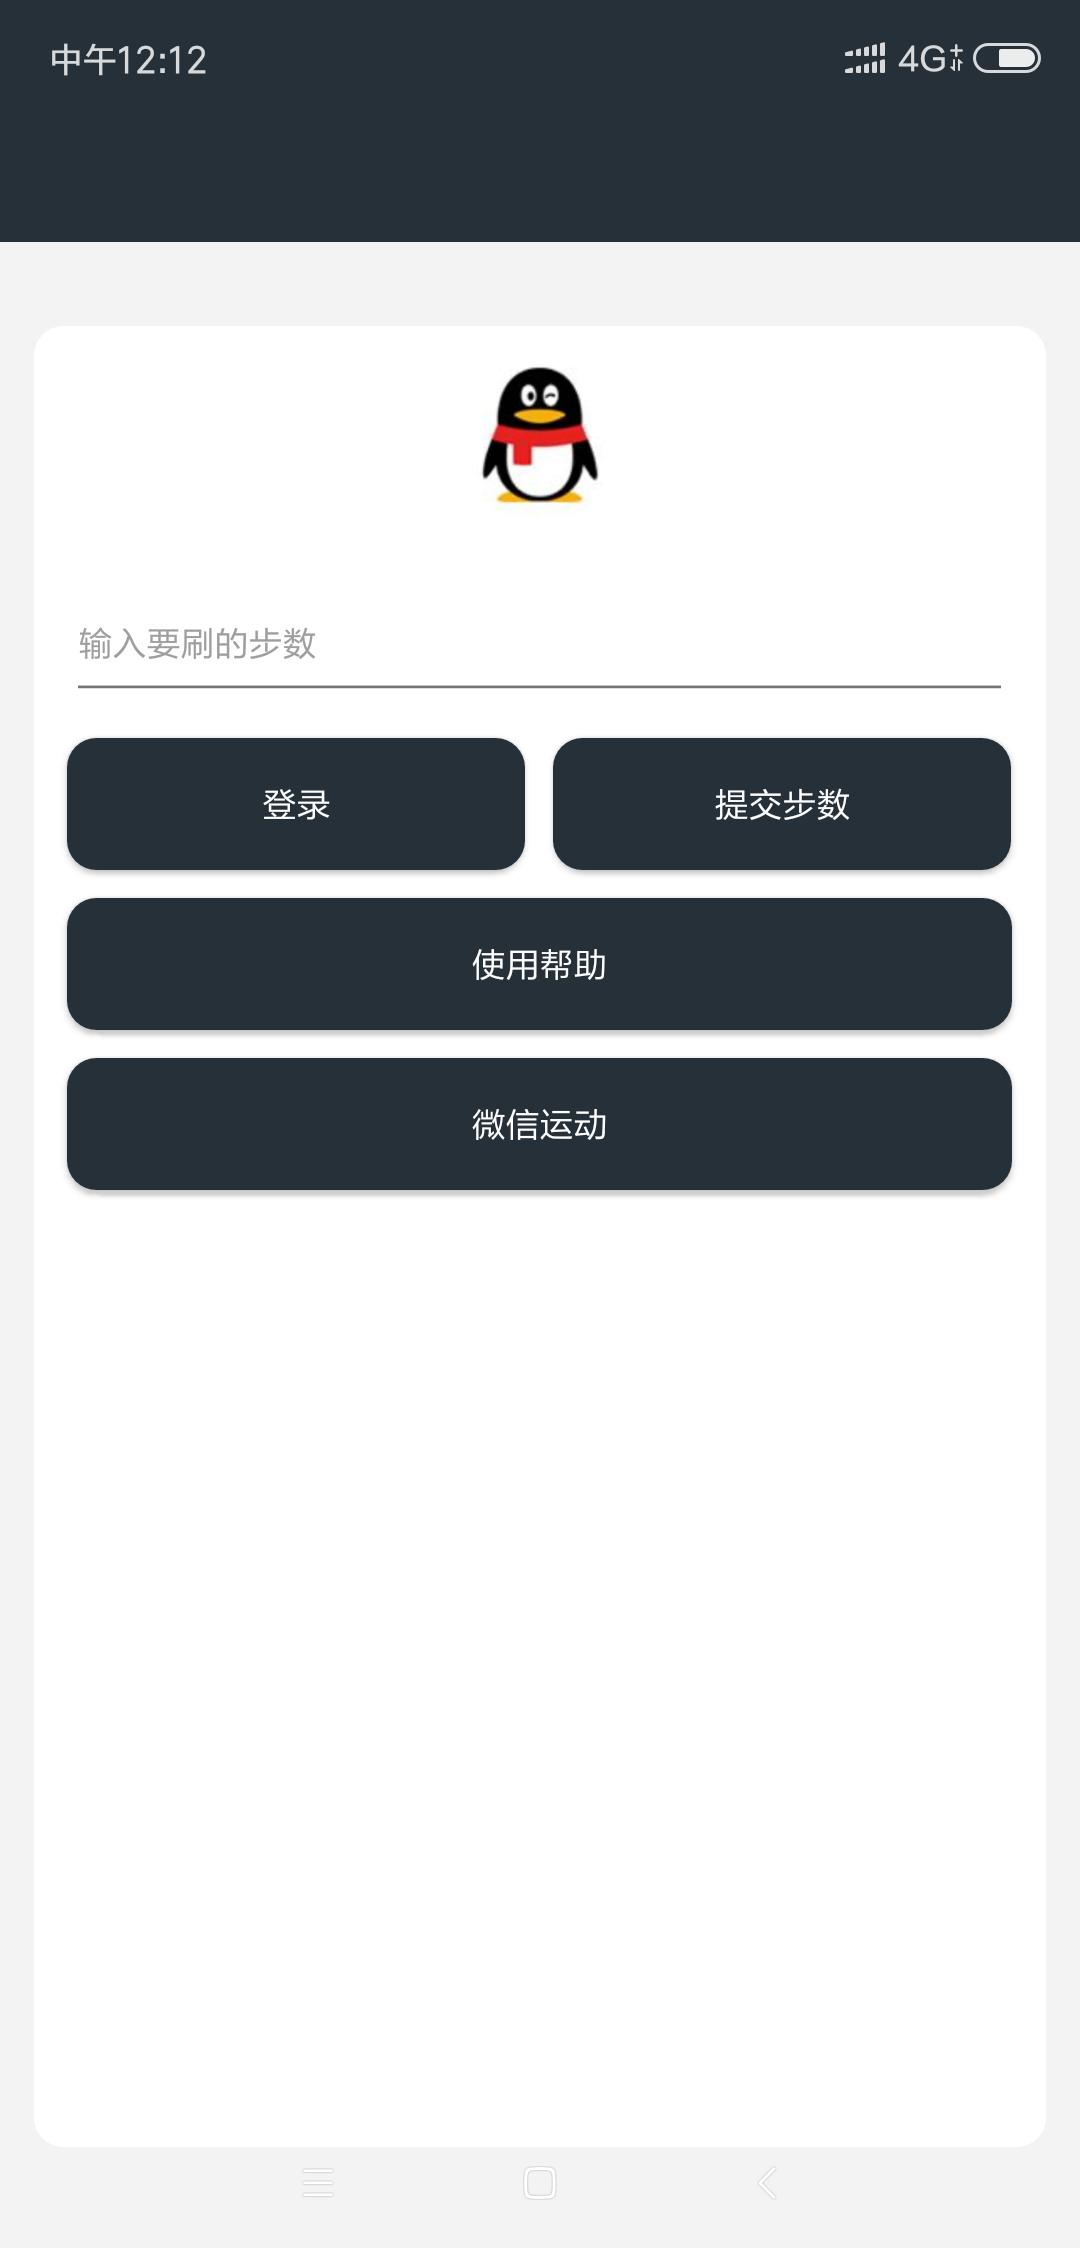 Screenshot_2018-10-05-12-12-08-932_com.yundongzhushou.dz.png